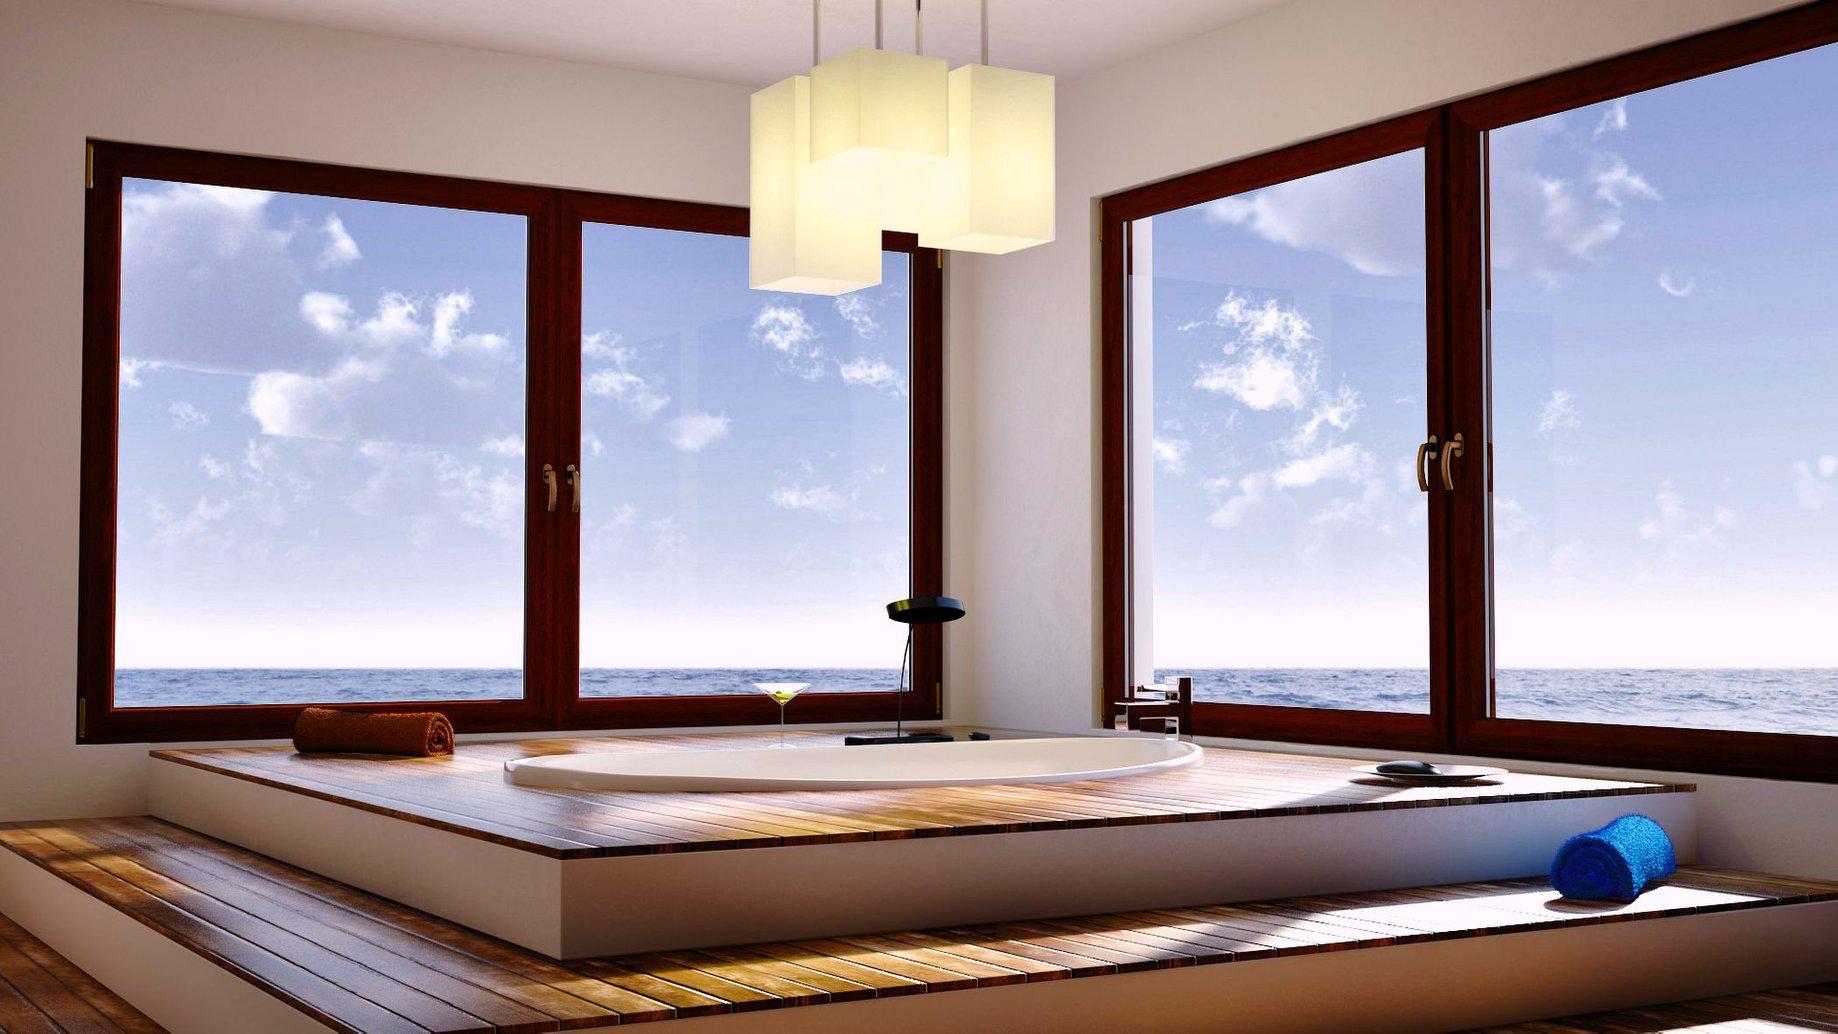 Full Size of Polnische Drutefenster In Warendorf Mfenster Fenster Drutex Folien Für Mit Eingebauten Rolladen Standardmaße Einbruchschutz Insektenschutz Dreh Kipp Fenster Fenster Drutex